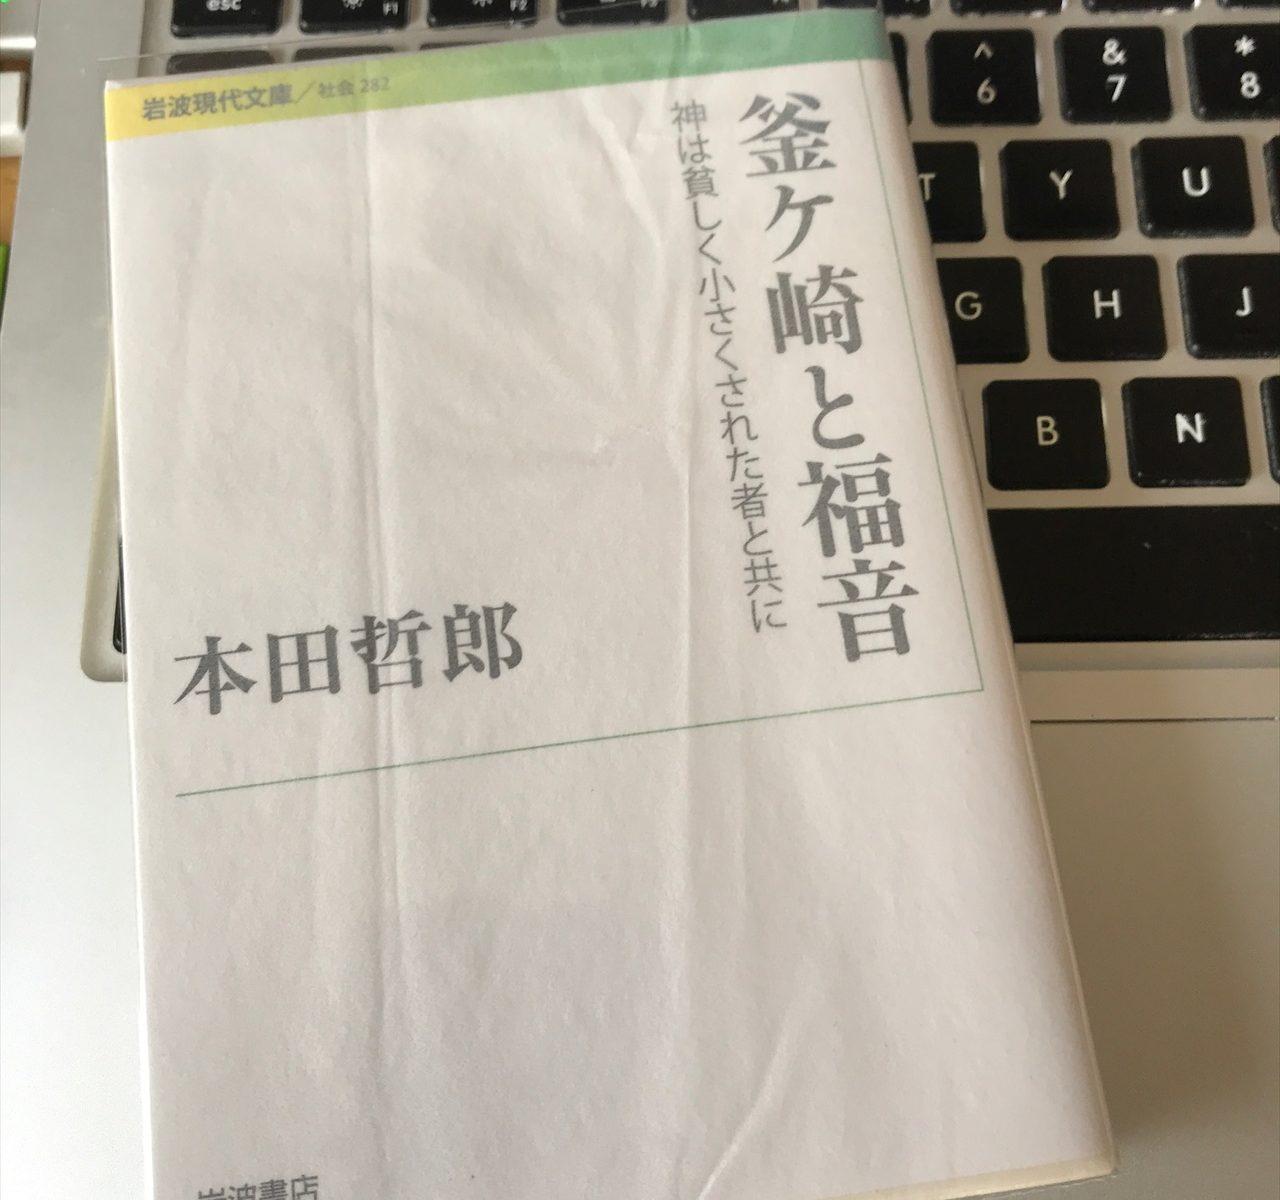 本田哲郎神父は、この著書と、僕の『ブッダは歩む ブッダは語る』を、「きょうだい、双子ですね」と言ってくれました。